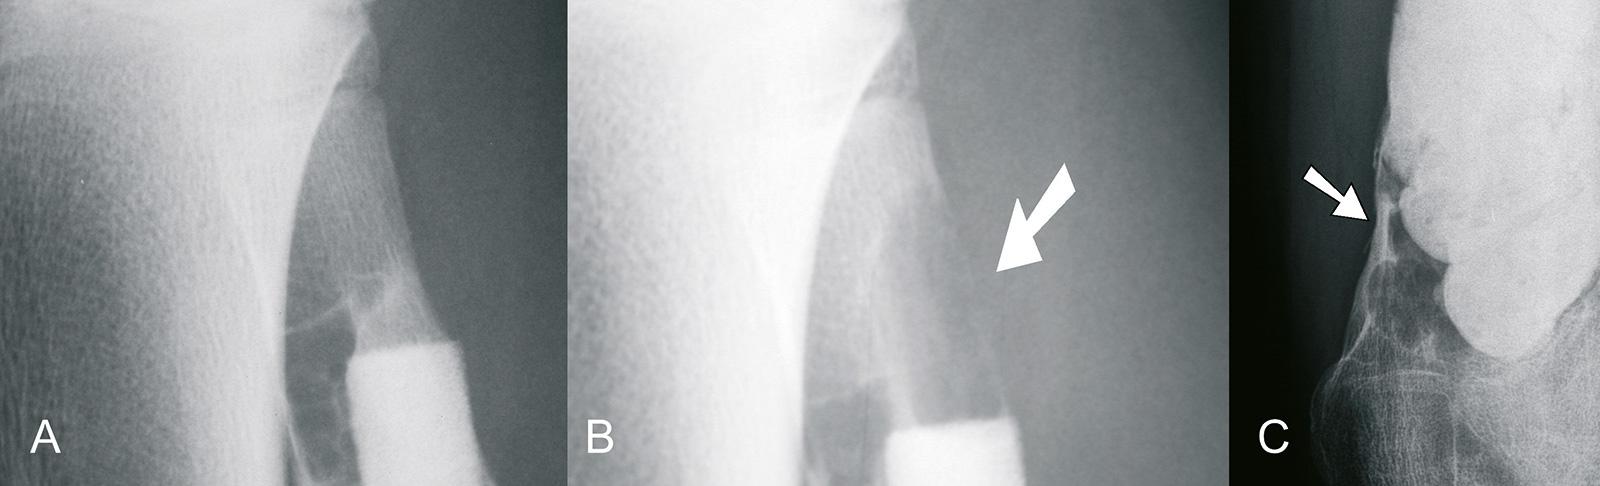 Abb. 8-28: Rezidiv nach Kürettage einer AKZ und Defektauffüllung mit Endobone (A-B), Rezidiv nach Kürettage und Zementauffüllung (C)